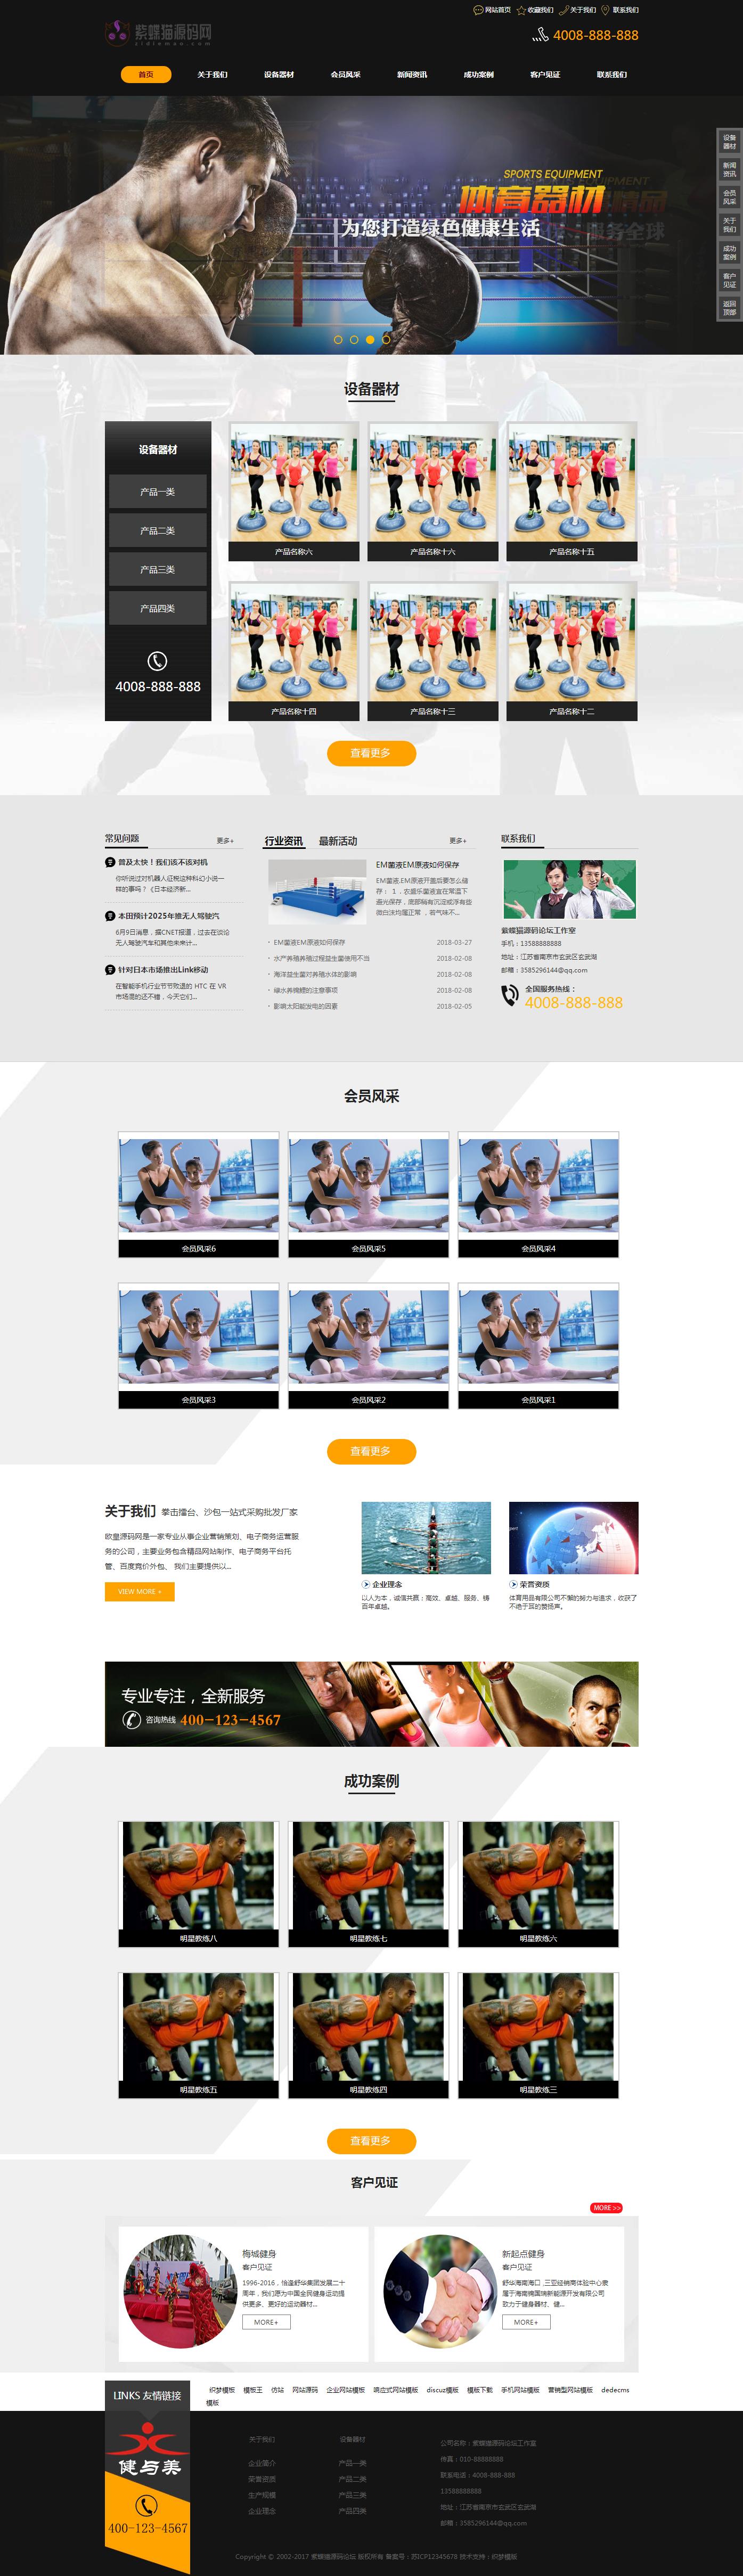 健身器材网站模板下载